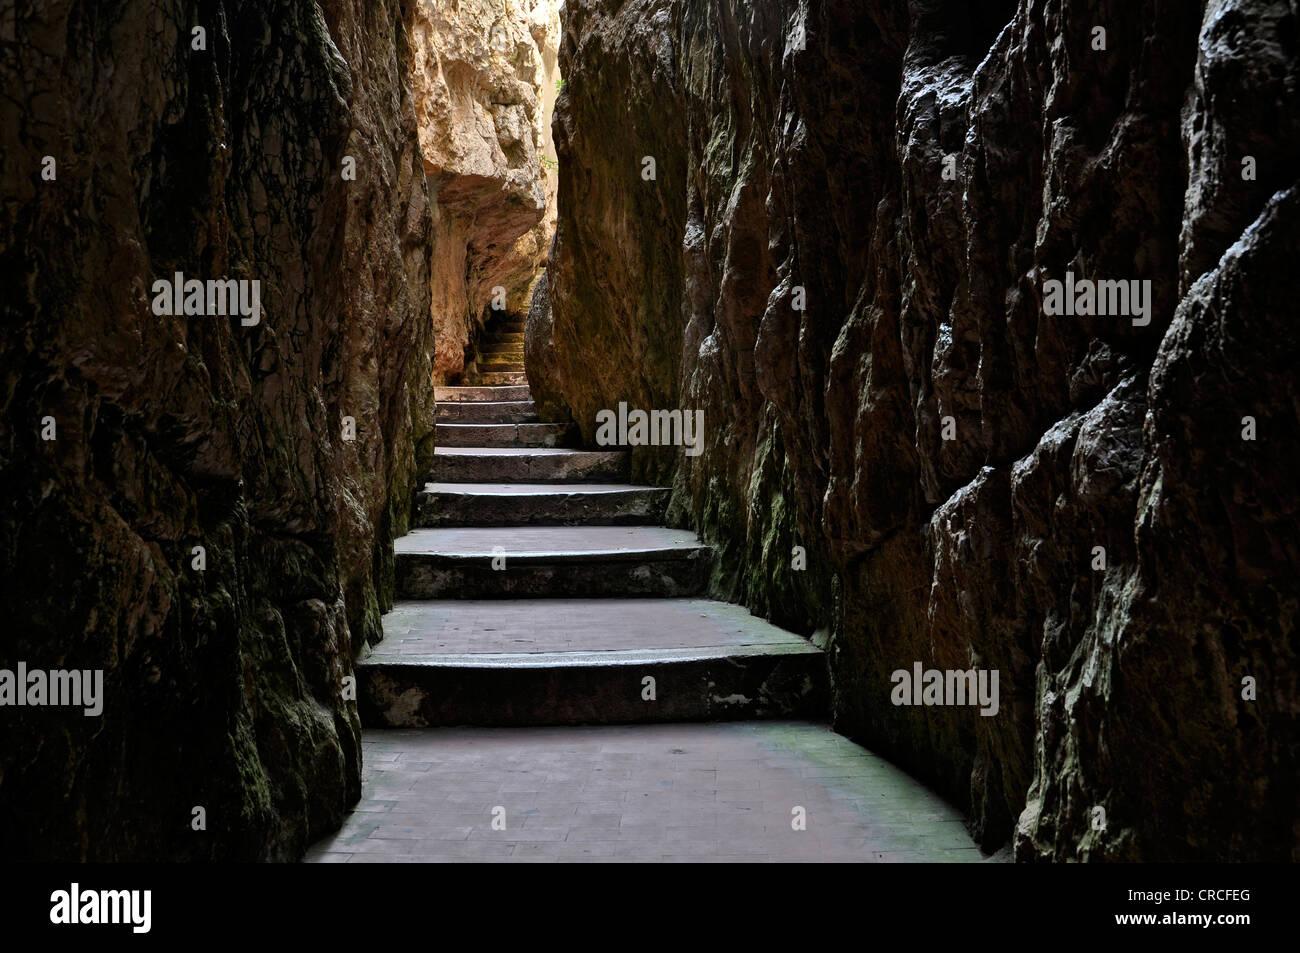 Durchgang in den Spalt des Berges Split, Montagna Spaccata, Gaeta, Lazio, Italien, Europa Stockbild